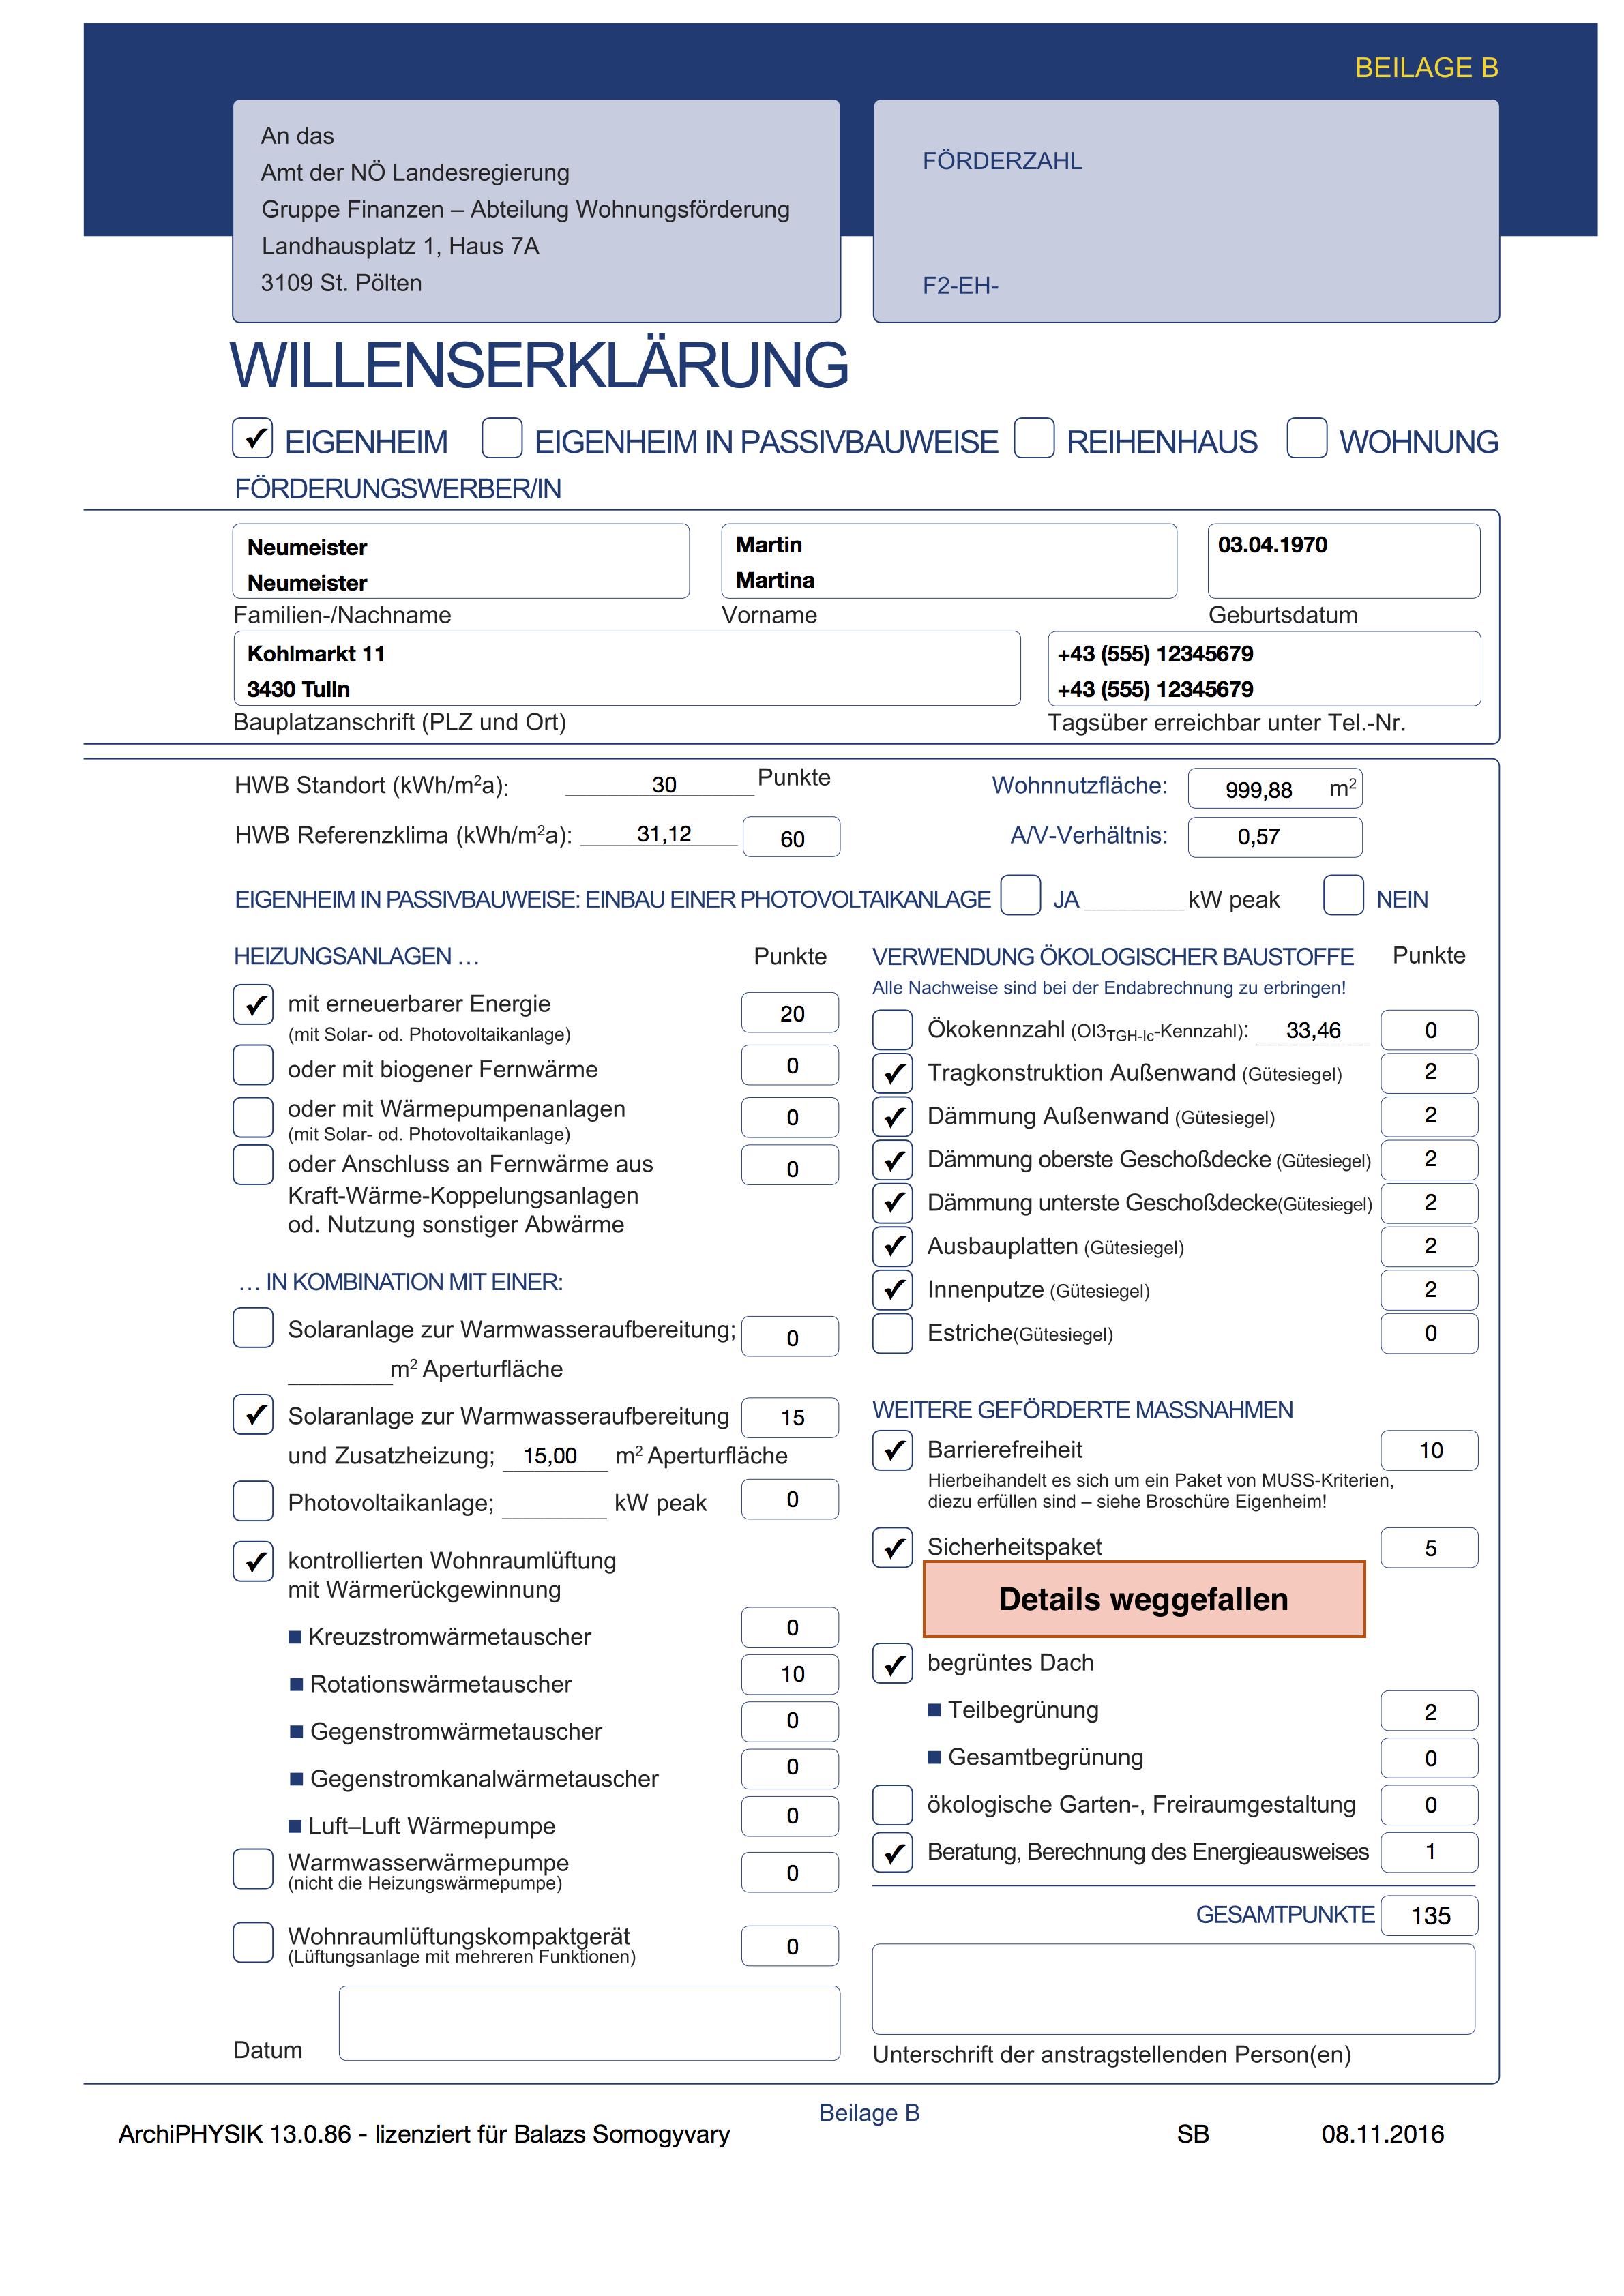 WBF Nö 2016 Änderung der Wohnbauförderungsrichtlinien Willenserklärung 2016 Eigenheim Reihenhaus Wohnung